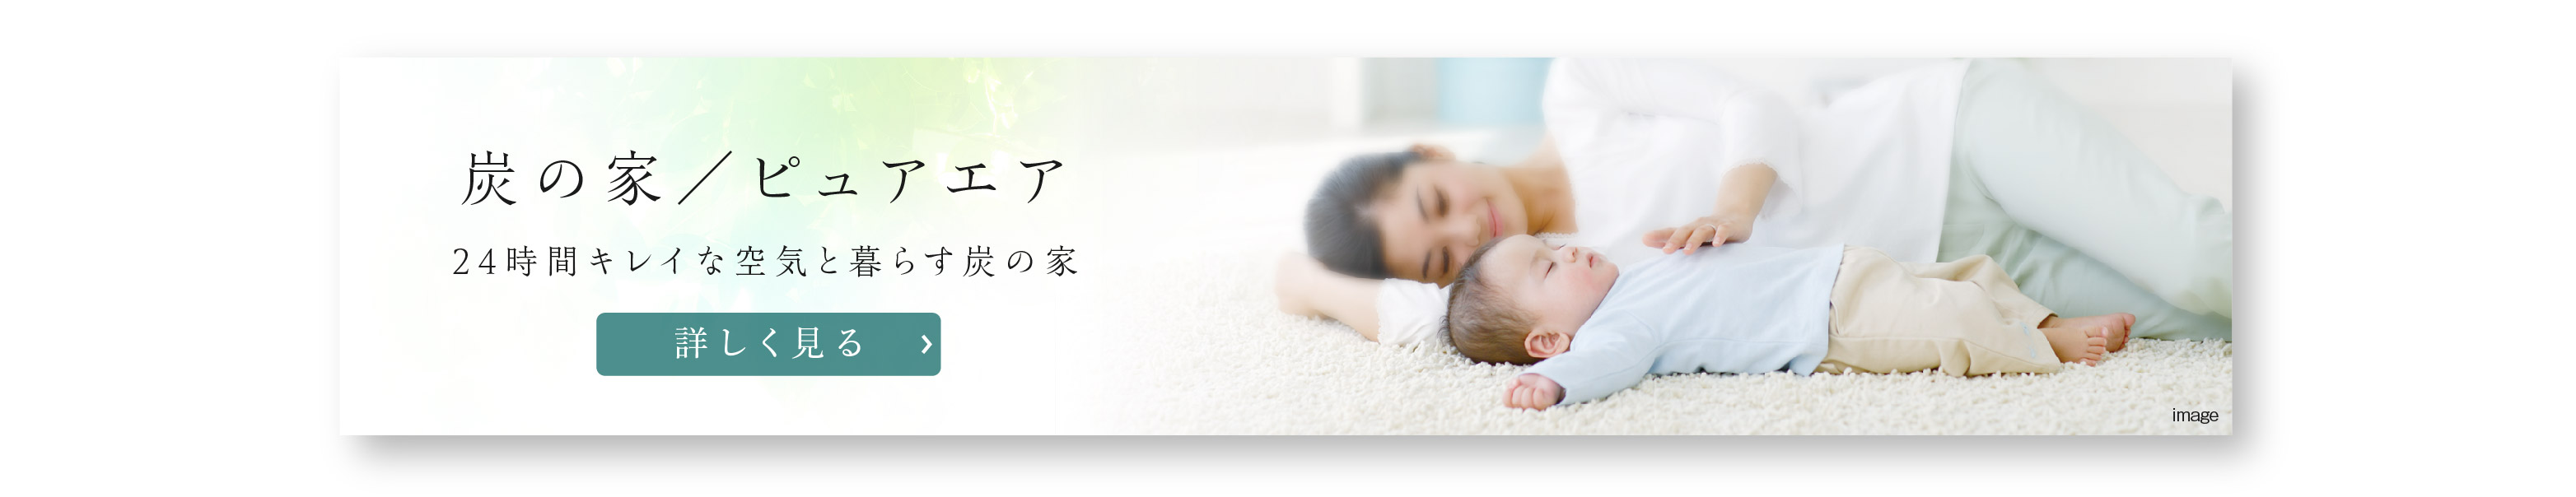 【プレミアムシーズン高宮あさひ丘】炭の家/ピュアエア